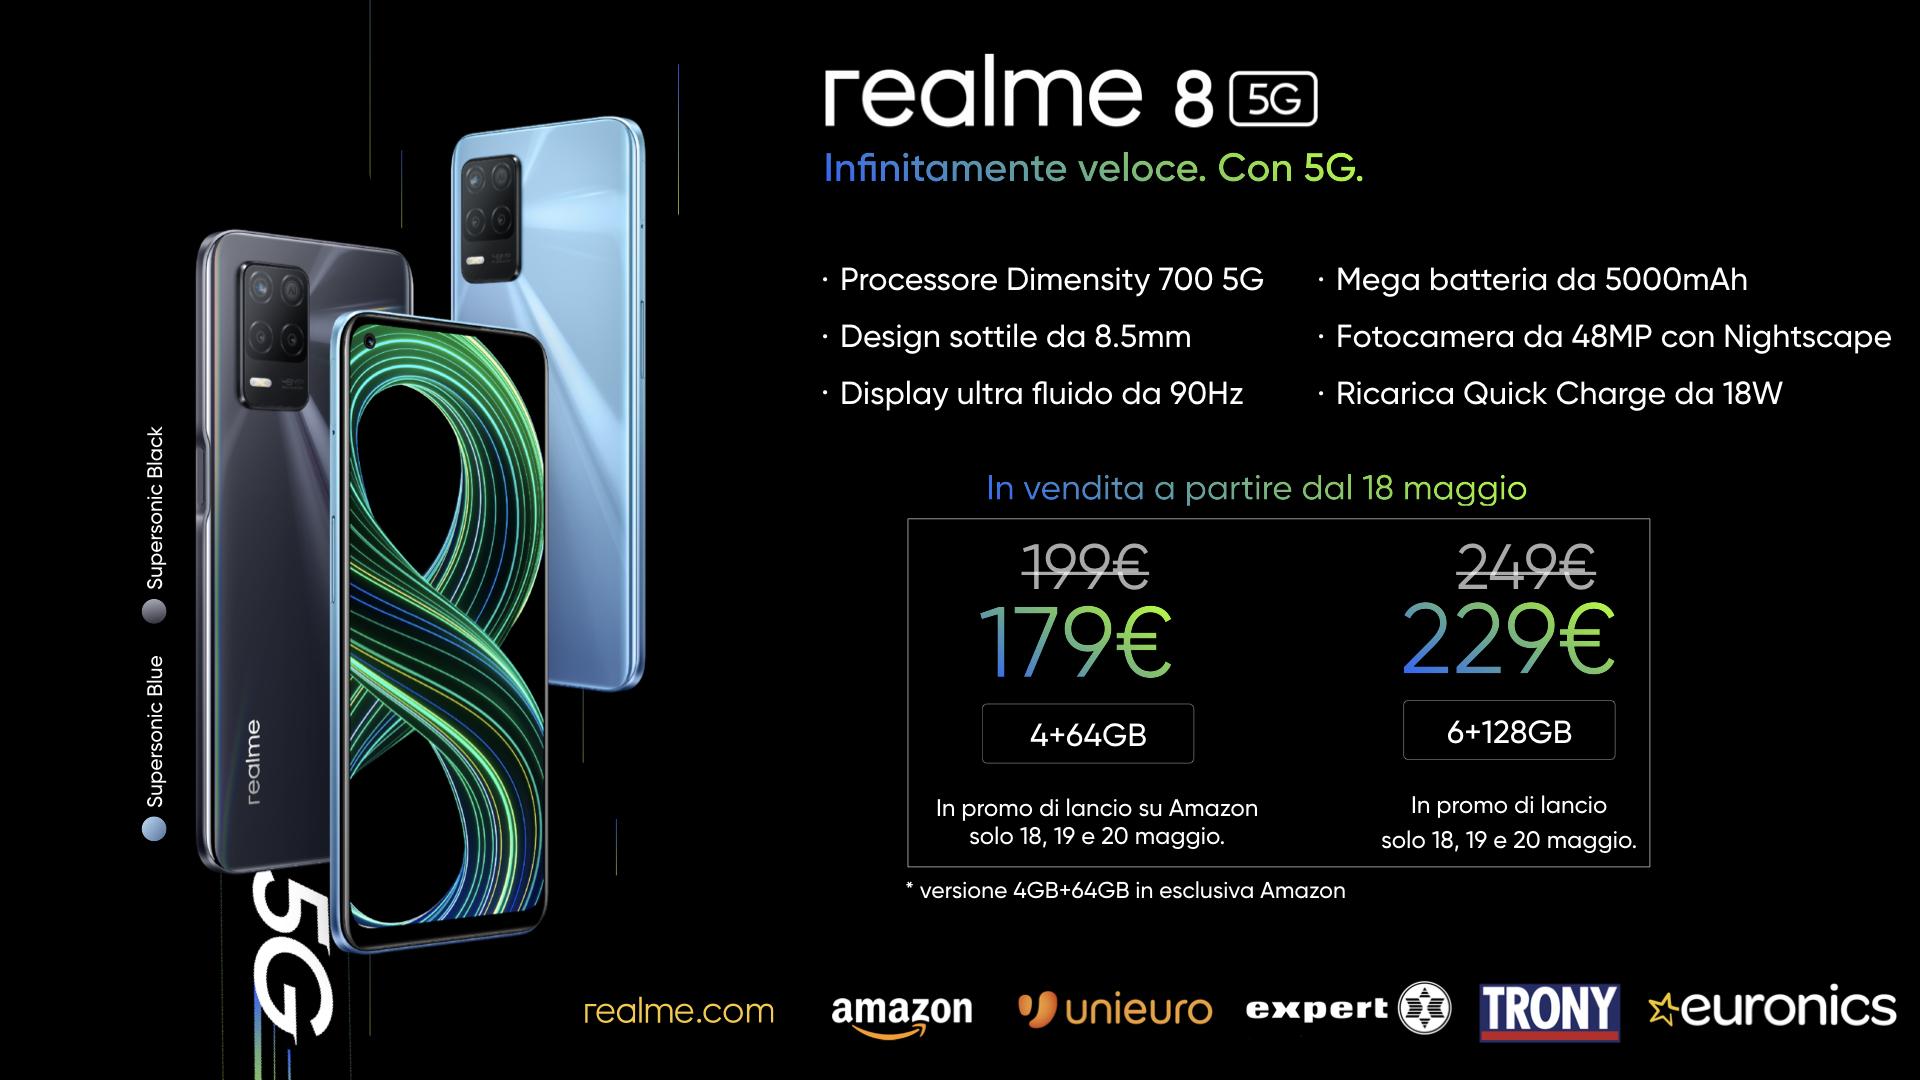 realme 8 e 8 5G, gli smartphone a un prezzo super